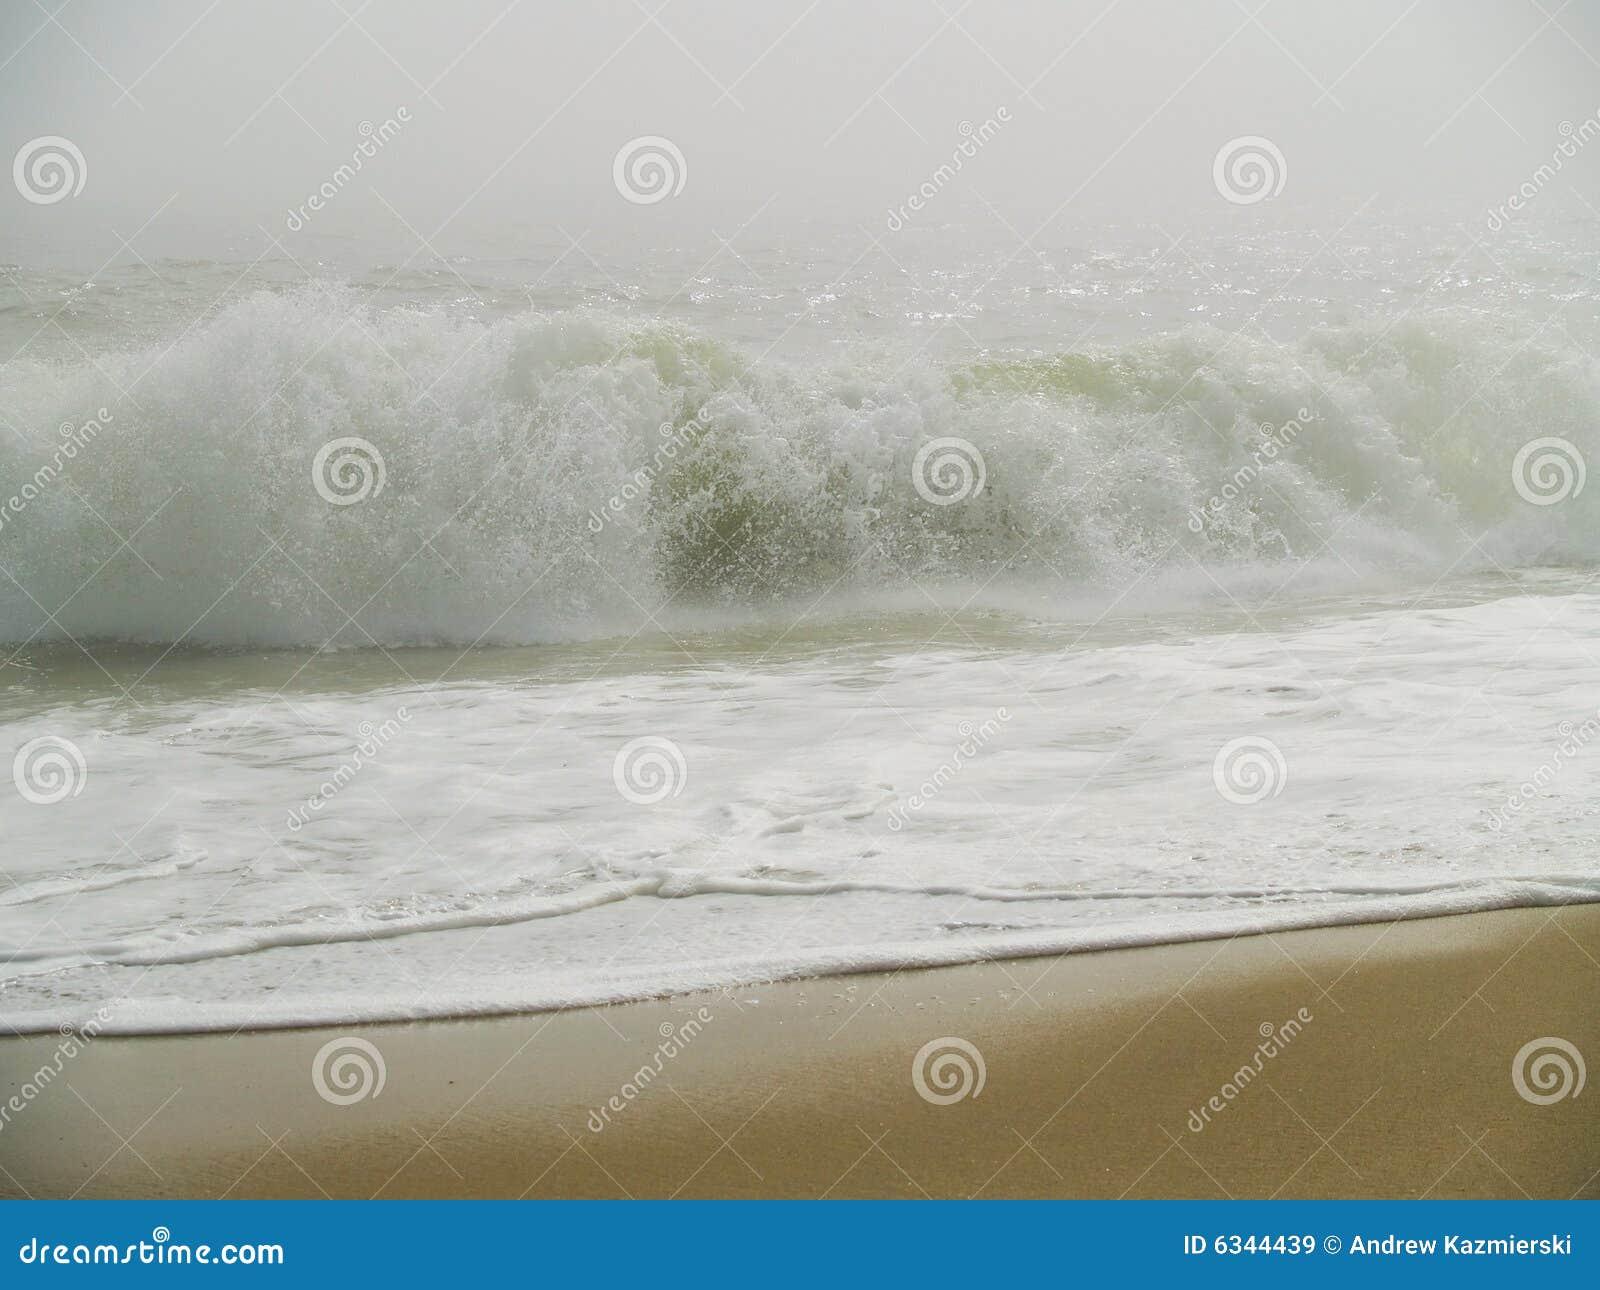 Rastlöst hav